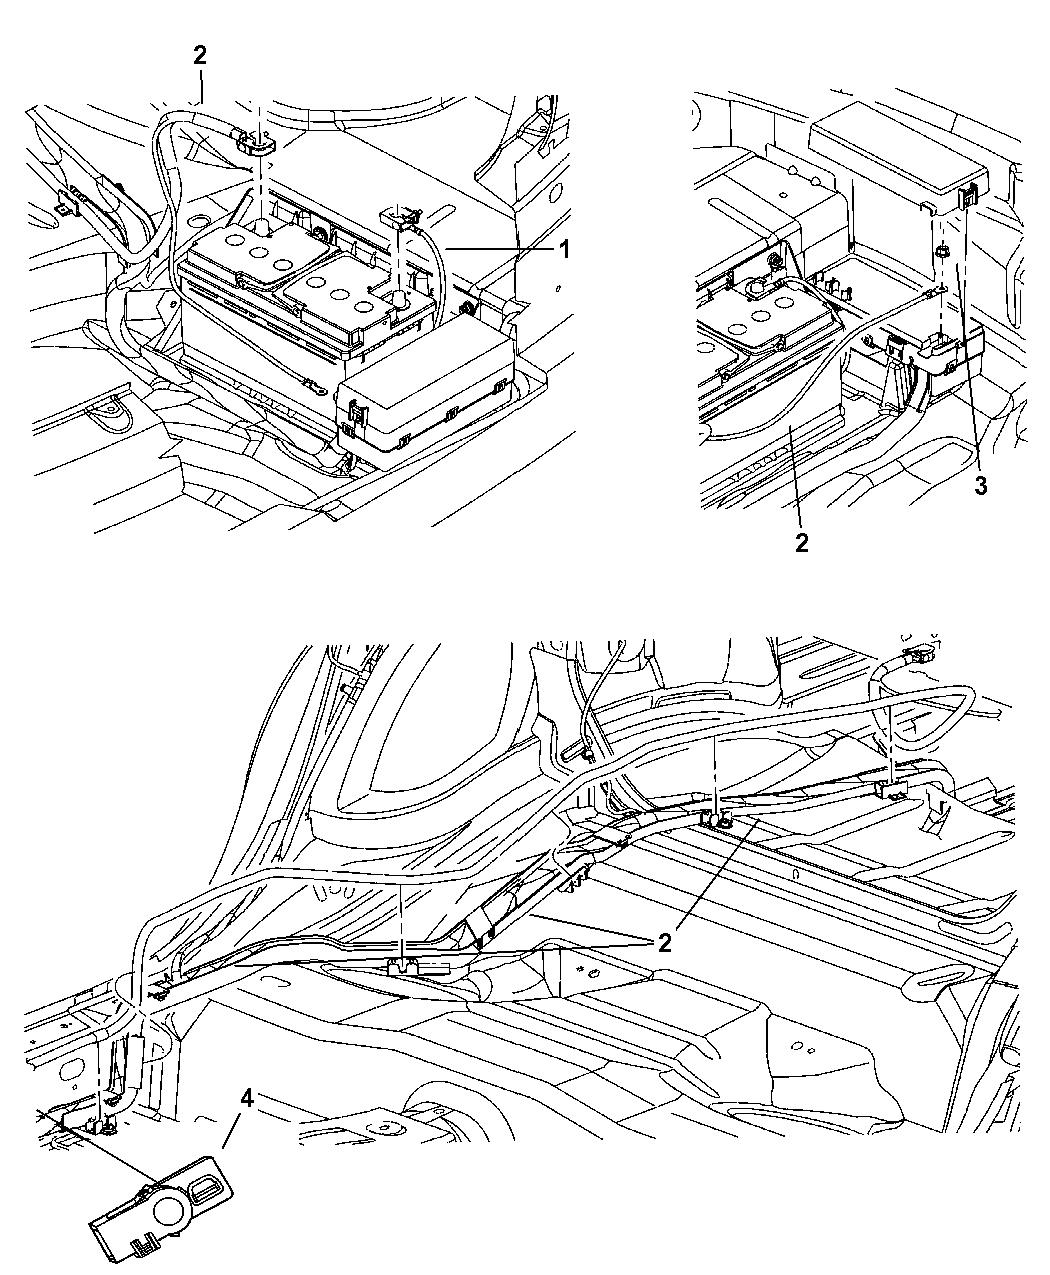 Mopar Battery In Trunk Wiring Diagram - Wiring Diagrams Dock